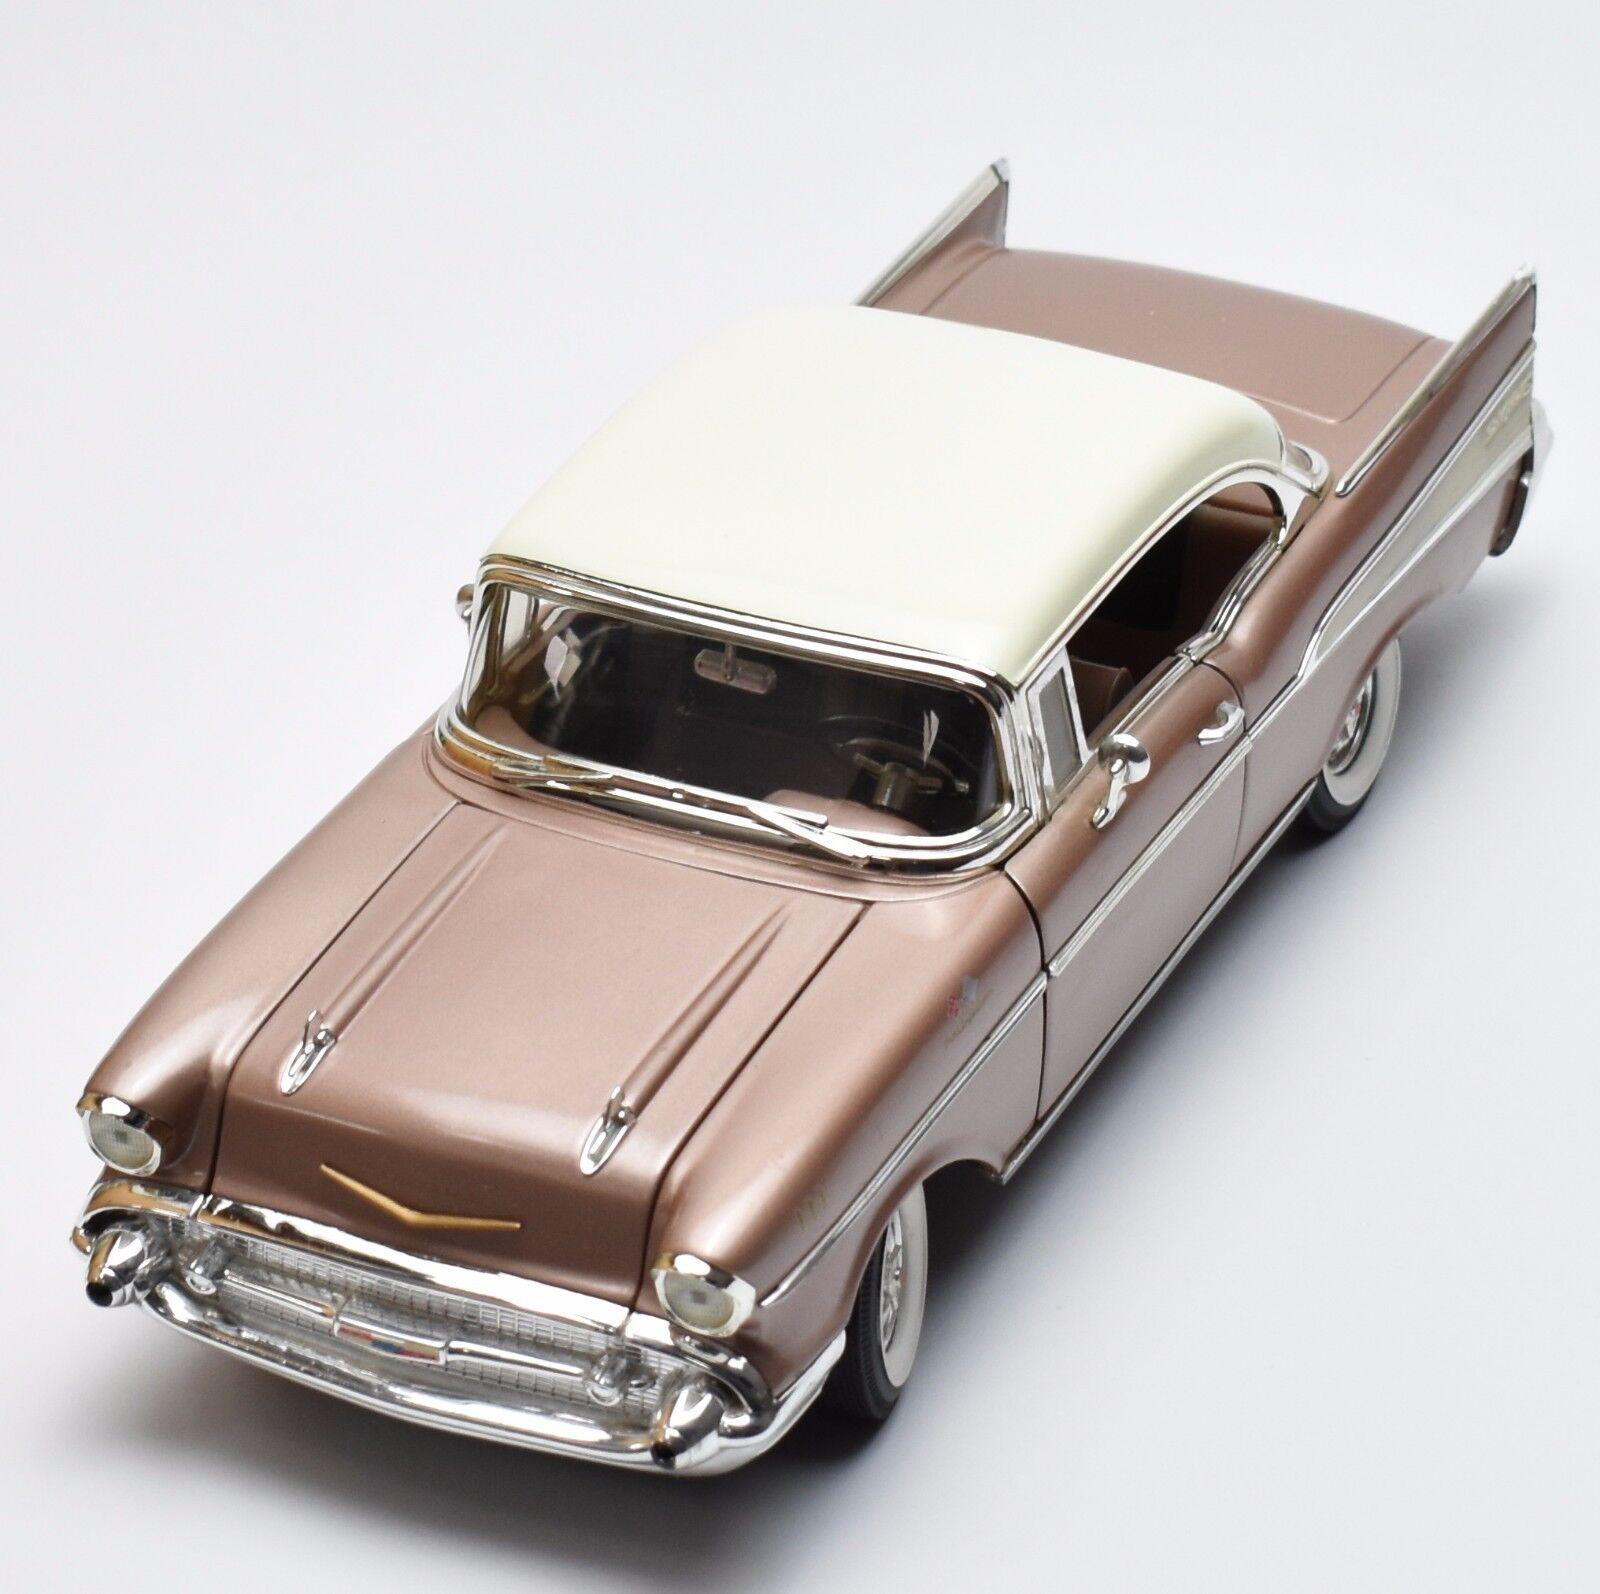 Ertl 7900 clásico Chevrolet Bel Air Sport Coupe año de construcción 1957, OVP, 1 18, k037